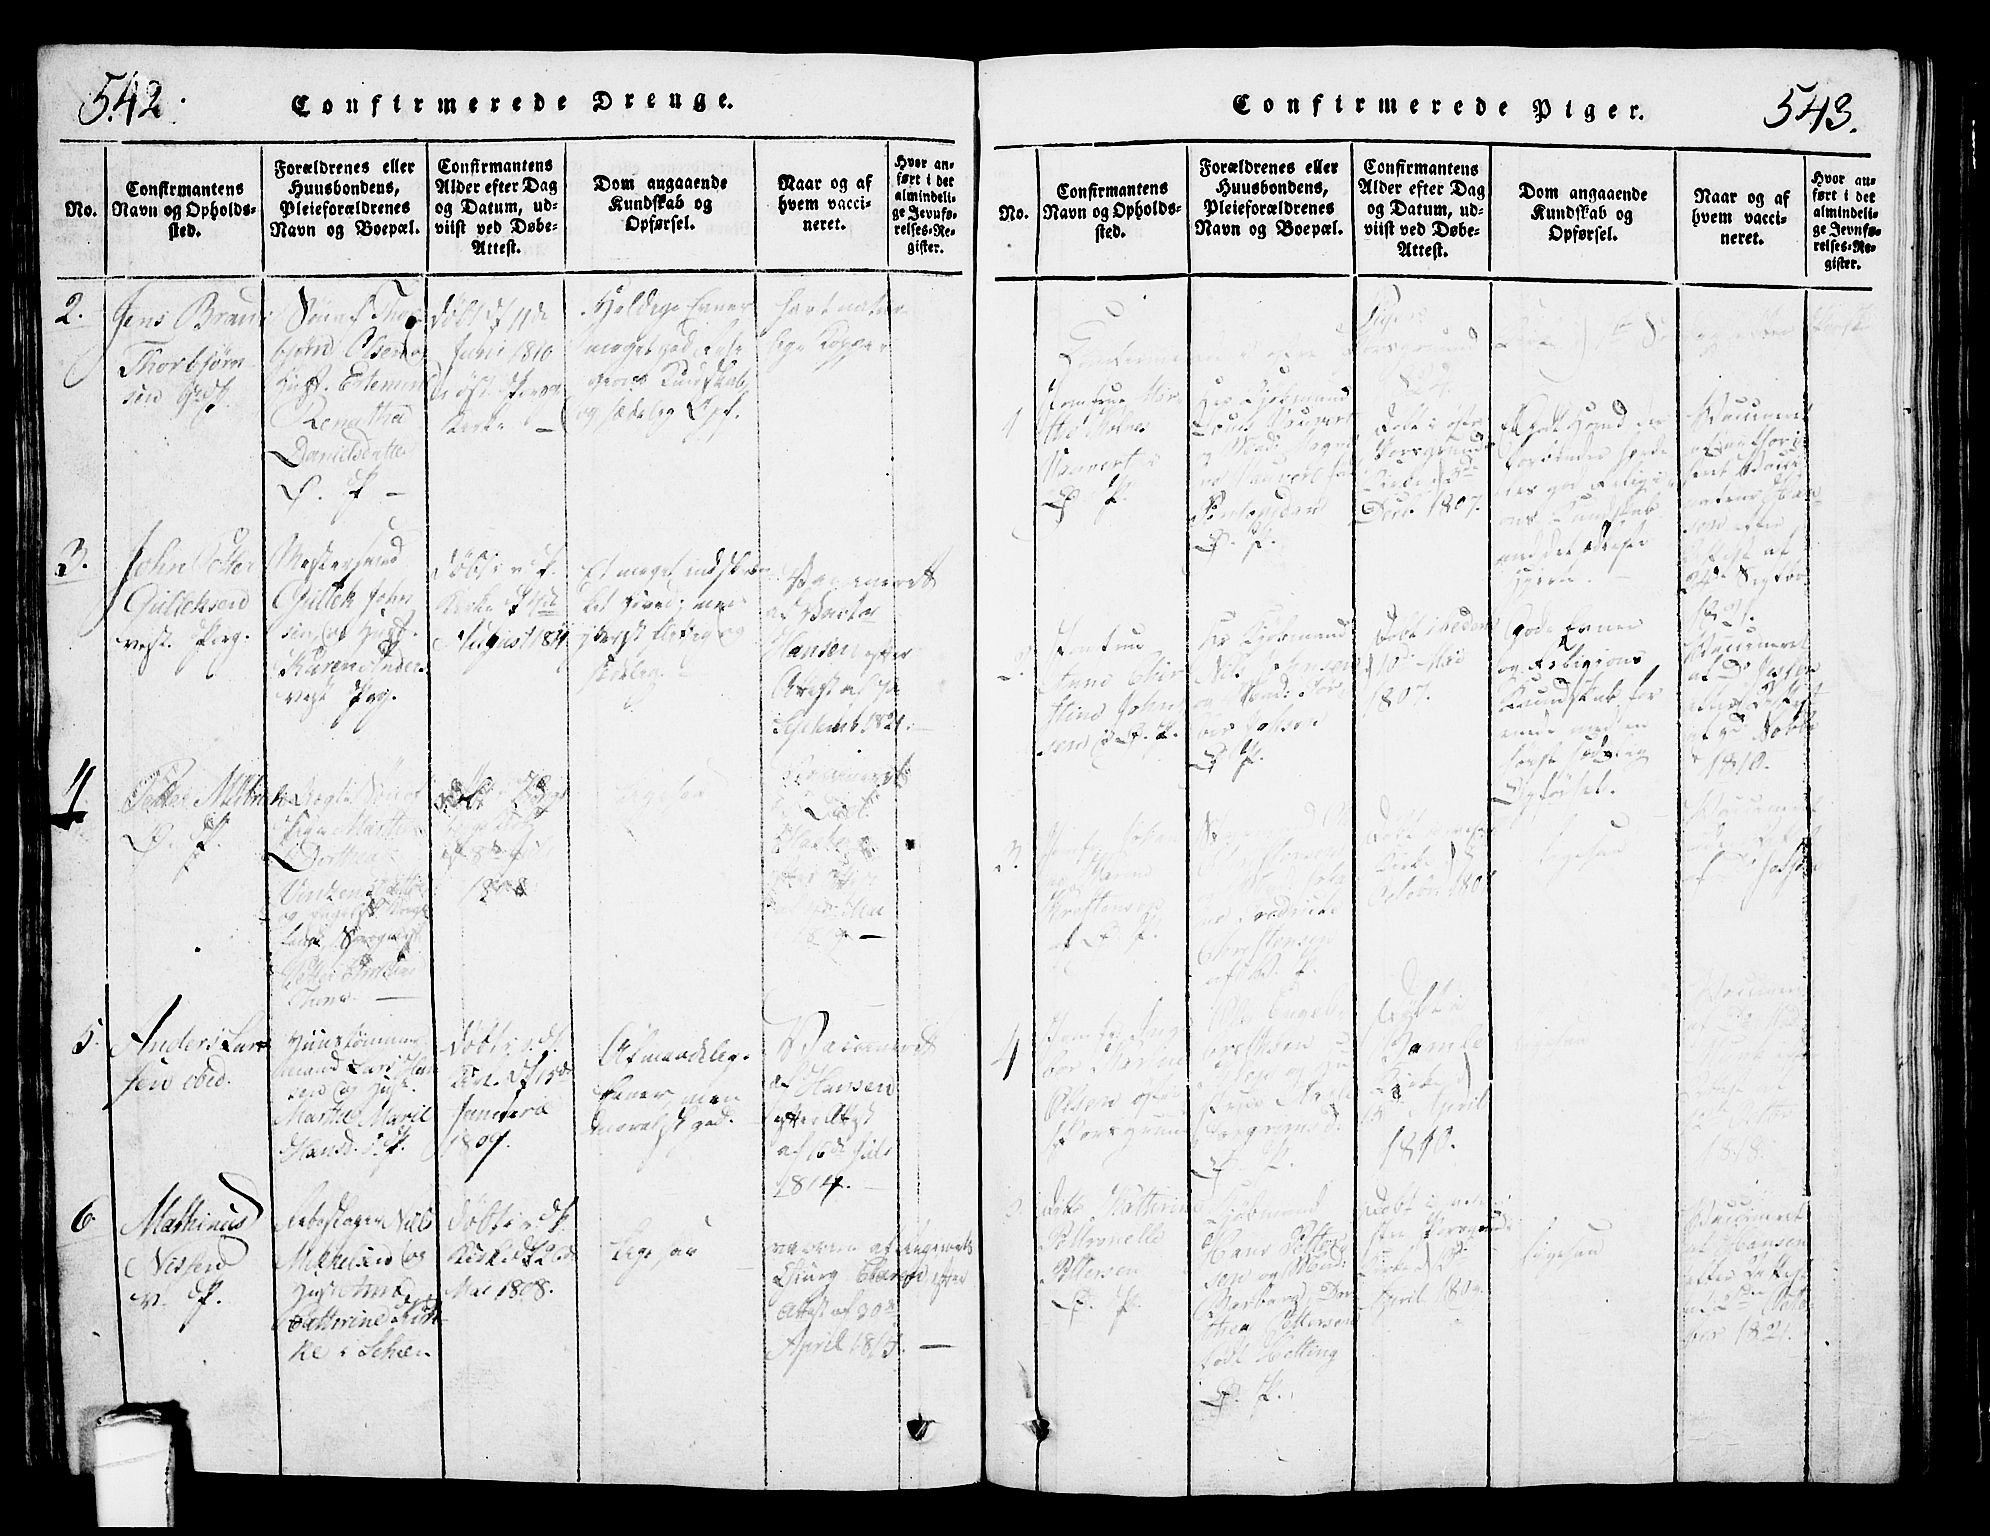 SAKO, Porsgrunn kirkebøker , G/Gb/L0001: Klokkerbok nr. II 1, 1817-1828, s. 542-543